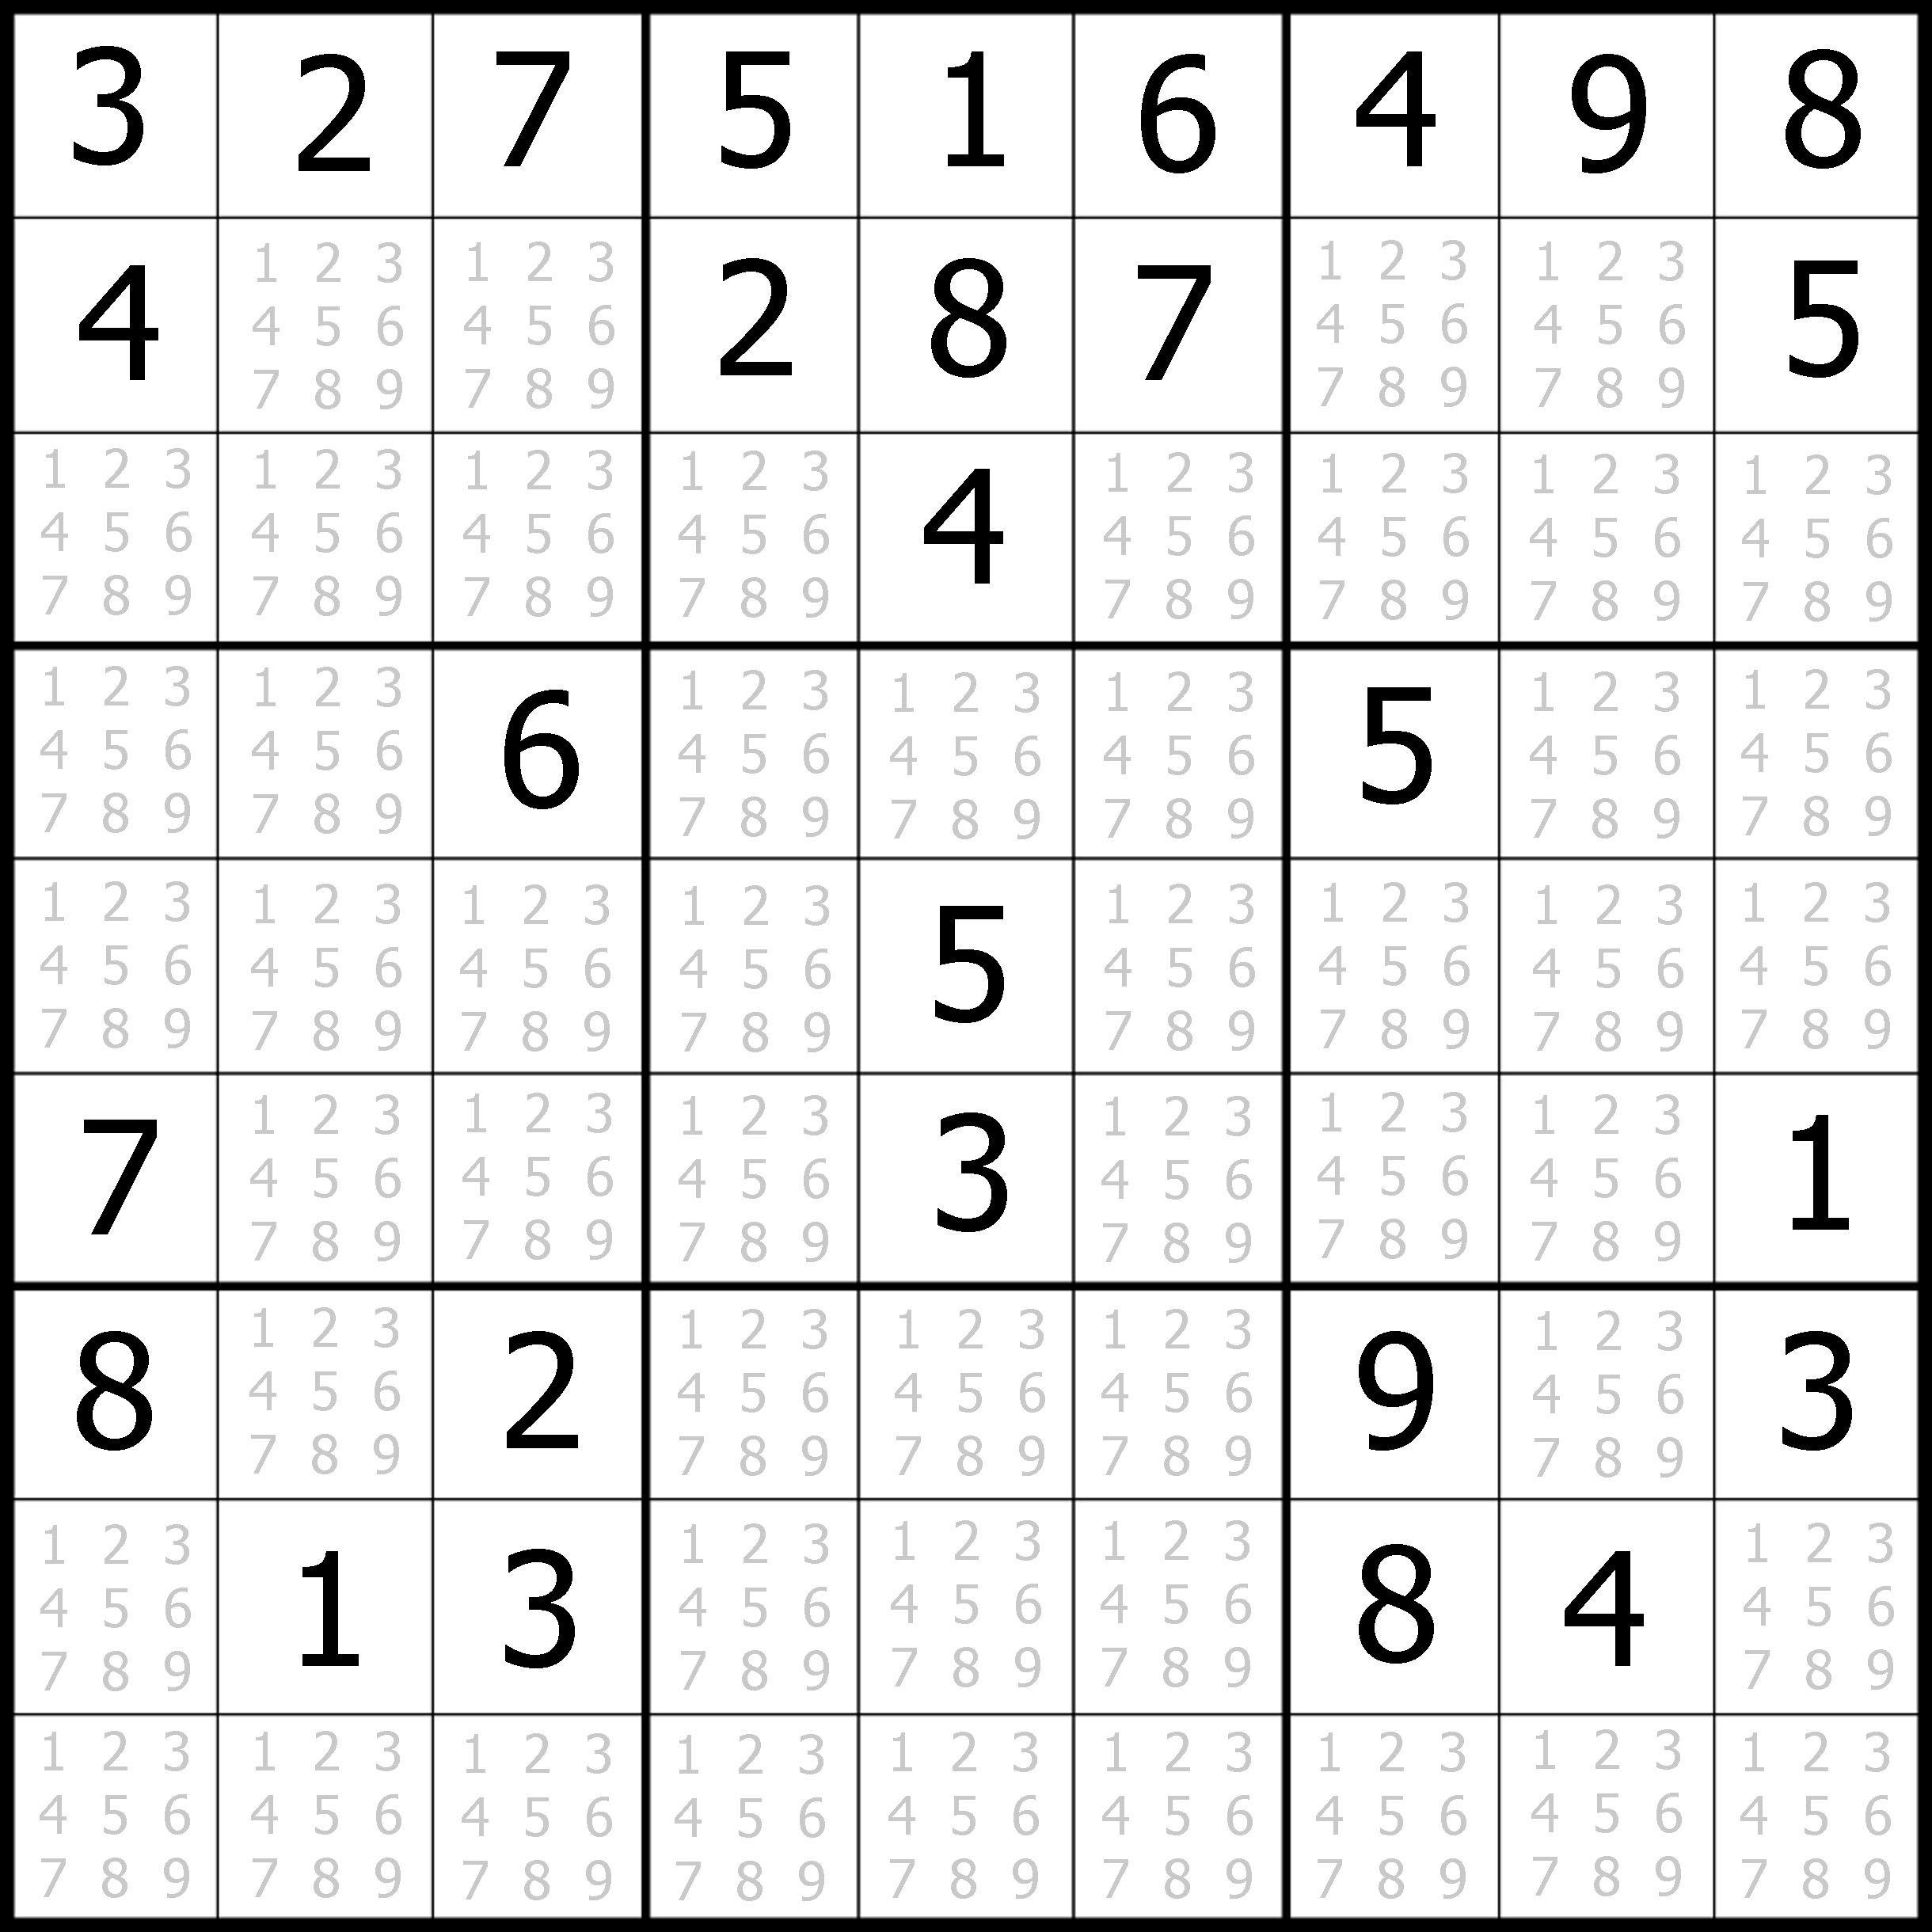 Sudoku Printable | Free, Medium, Printable Sudoku Puzzle #1 | My - Free Printable Sudoku Easy